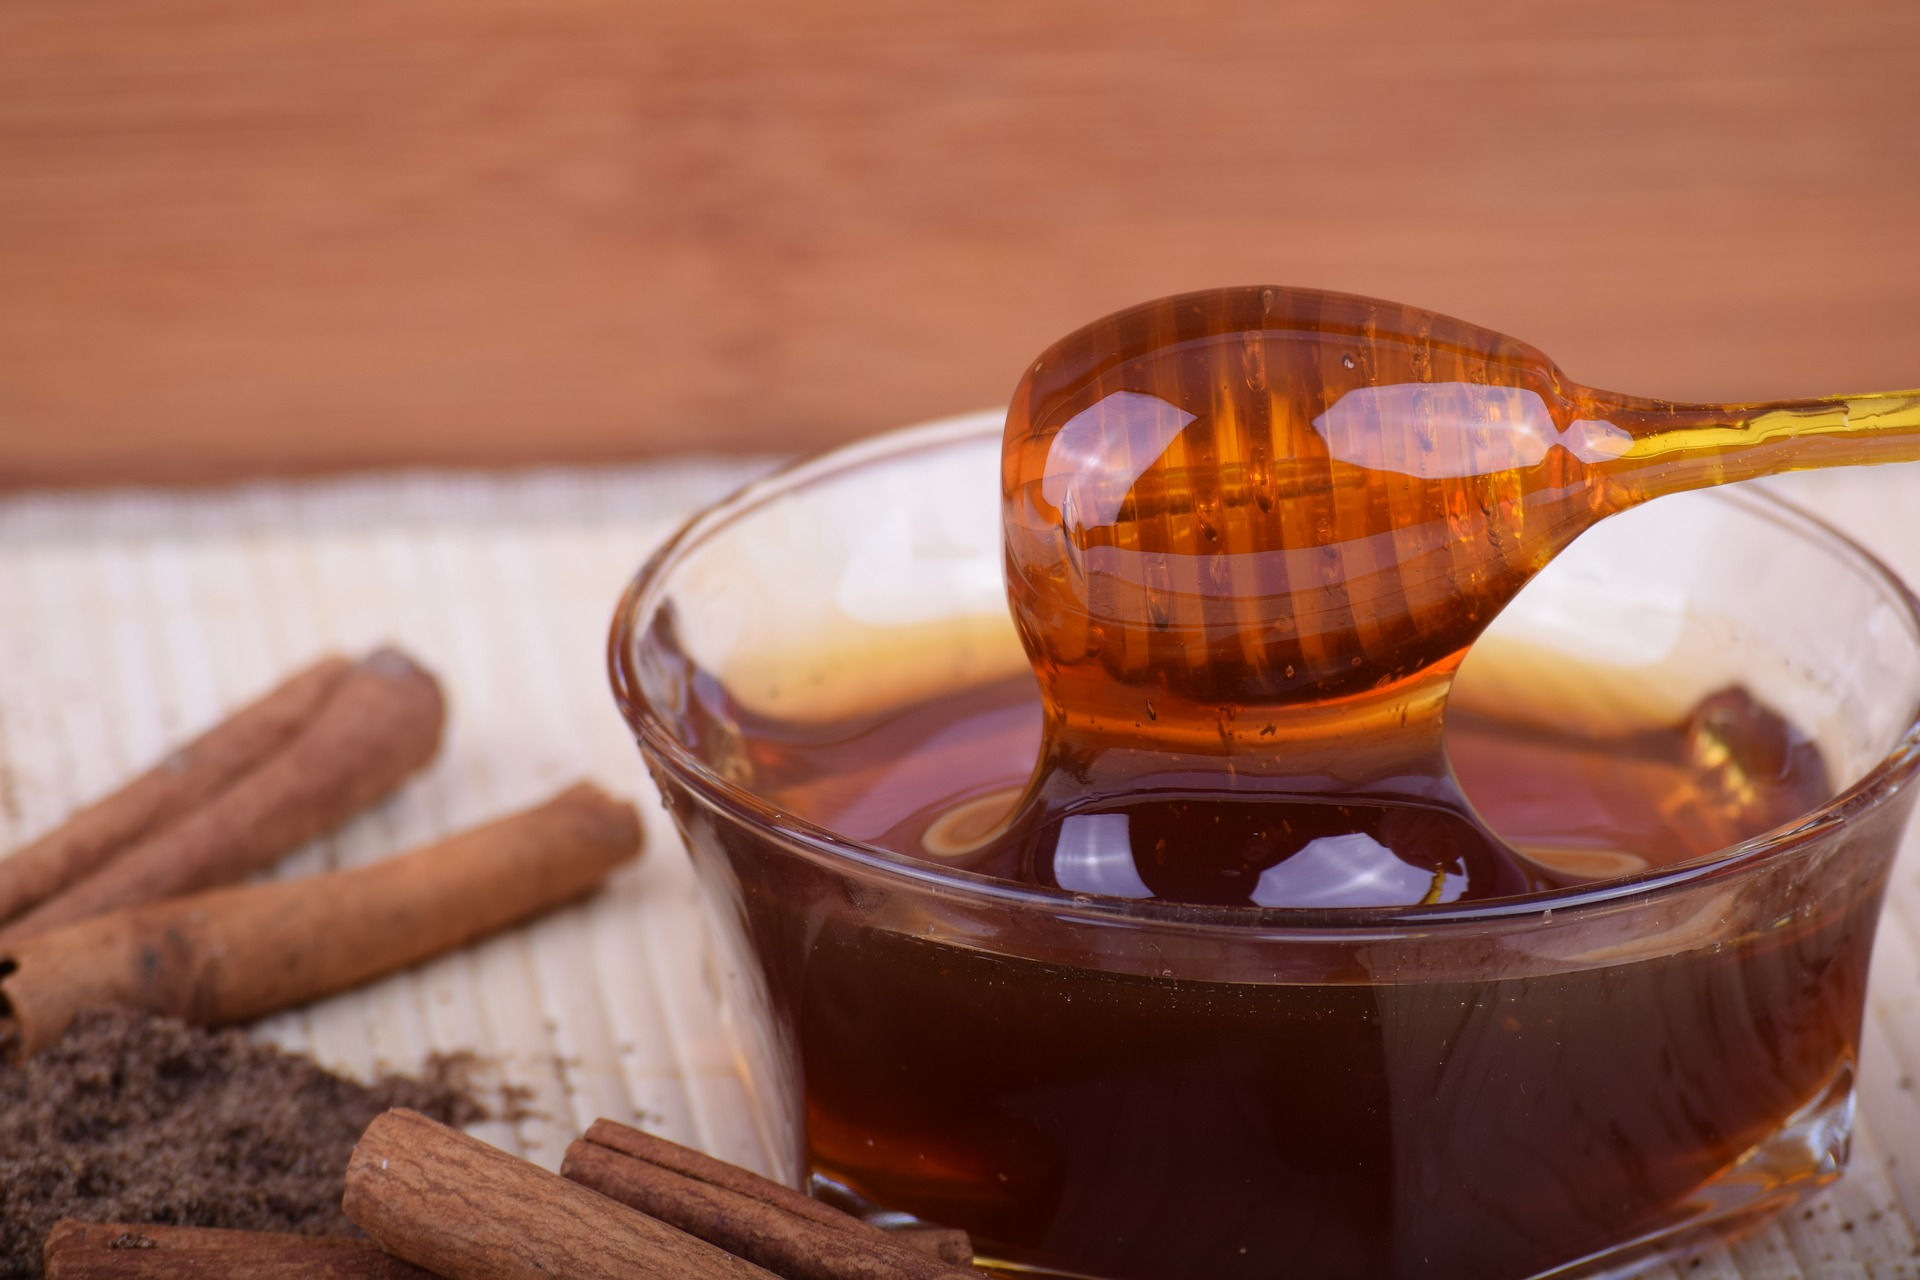 Castagne al miele e lardo: la ricetta tipica valdostana